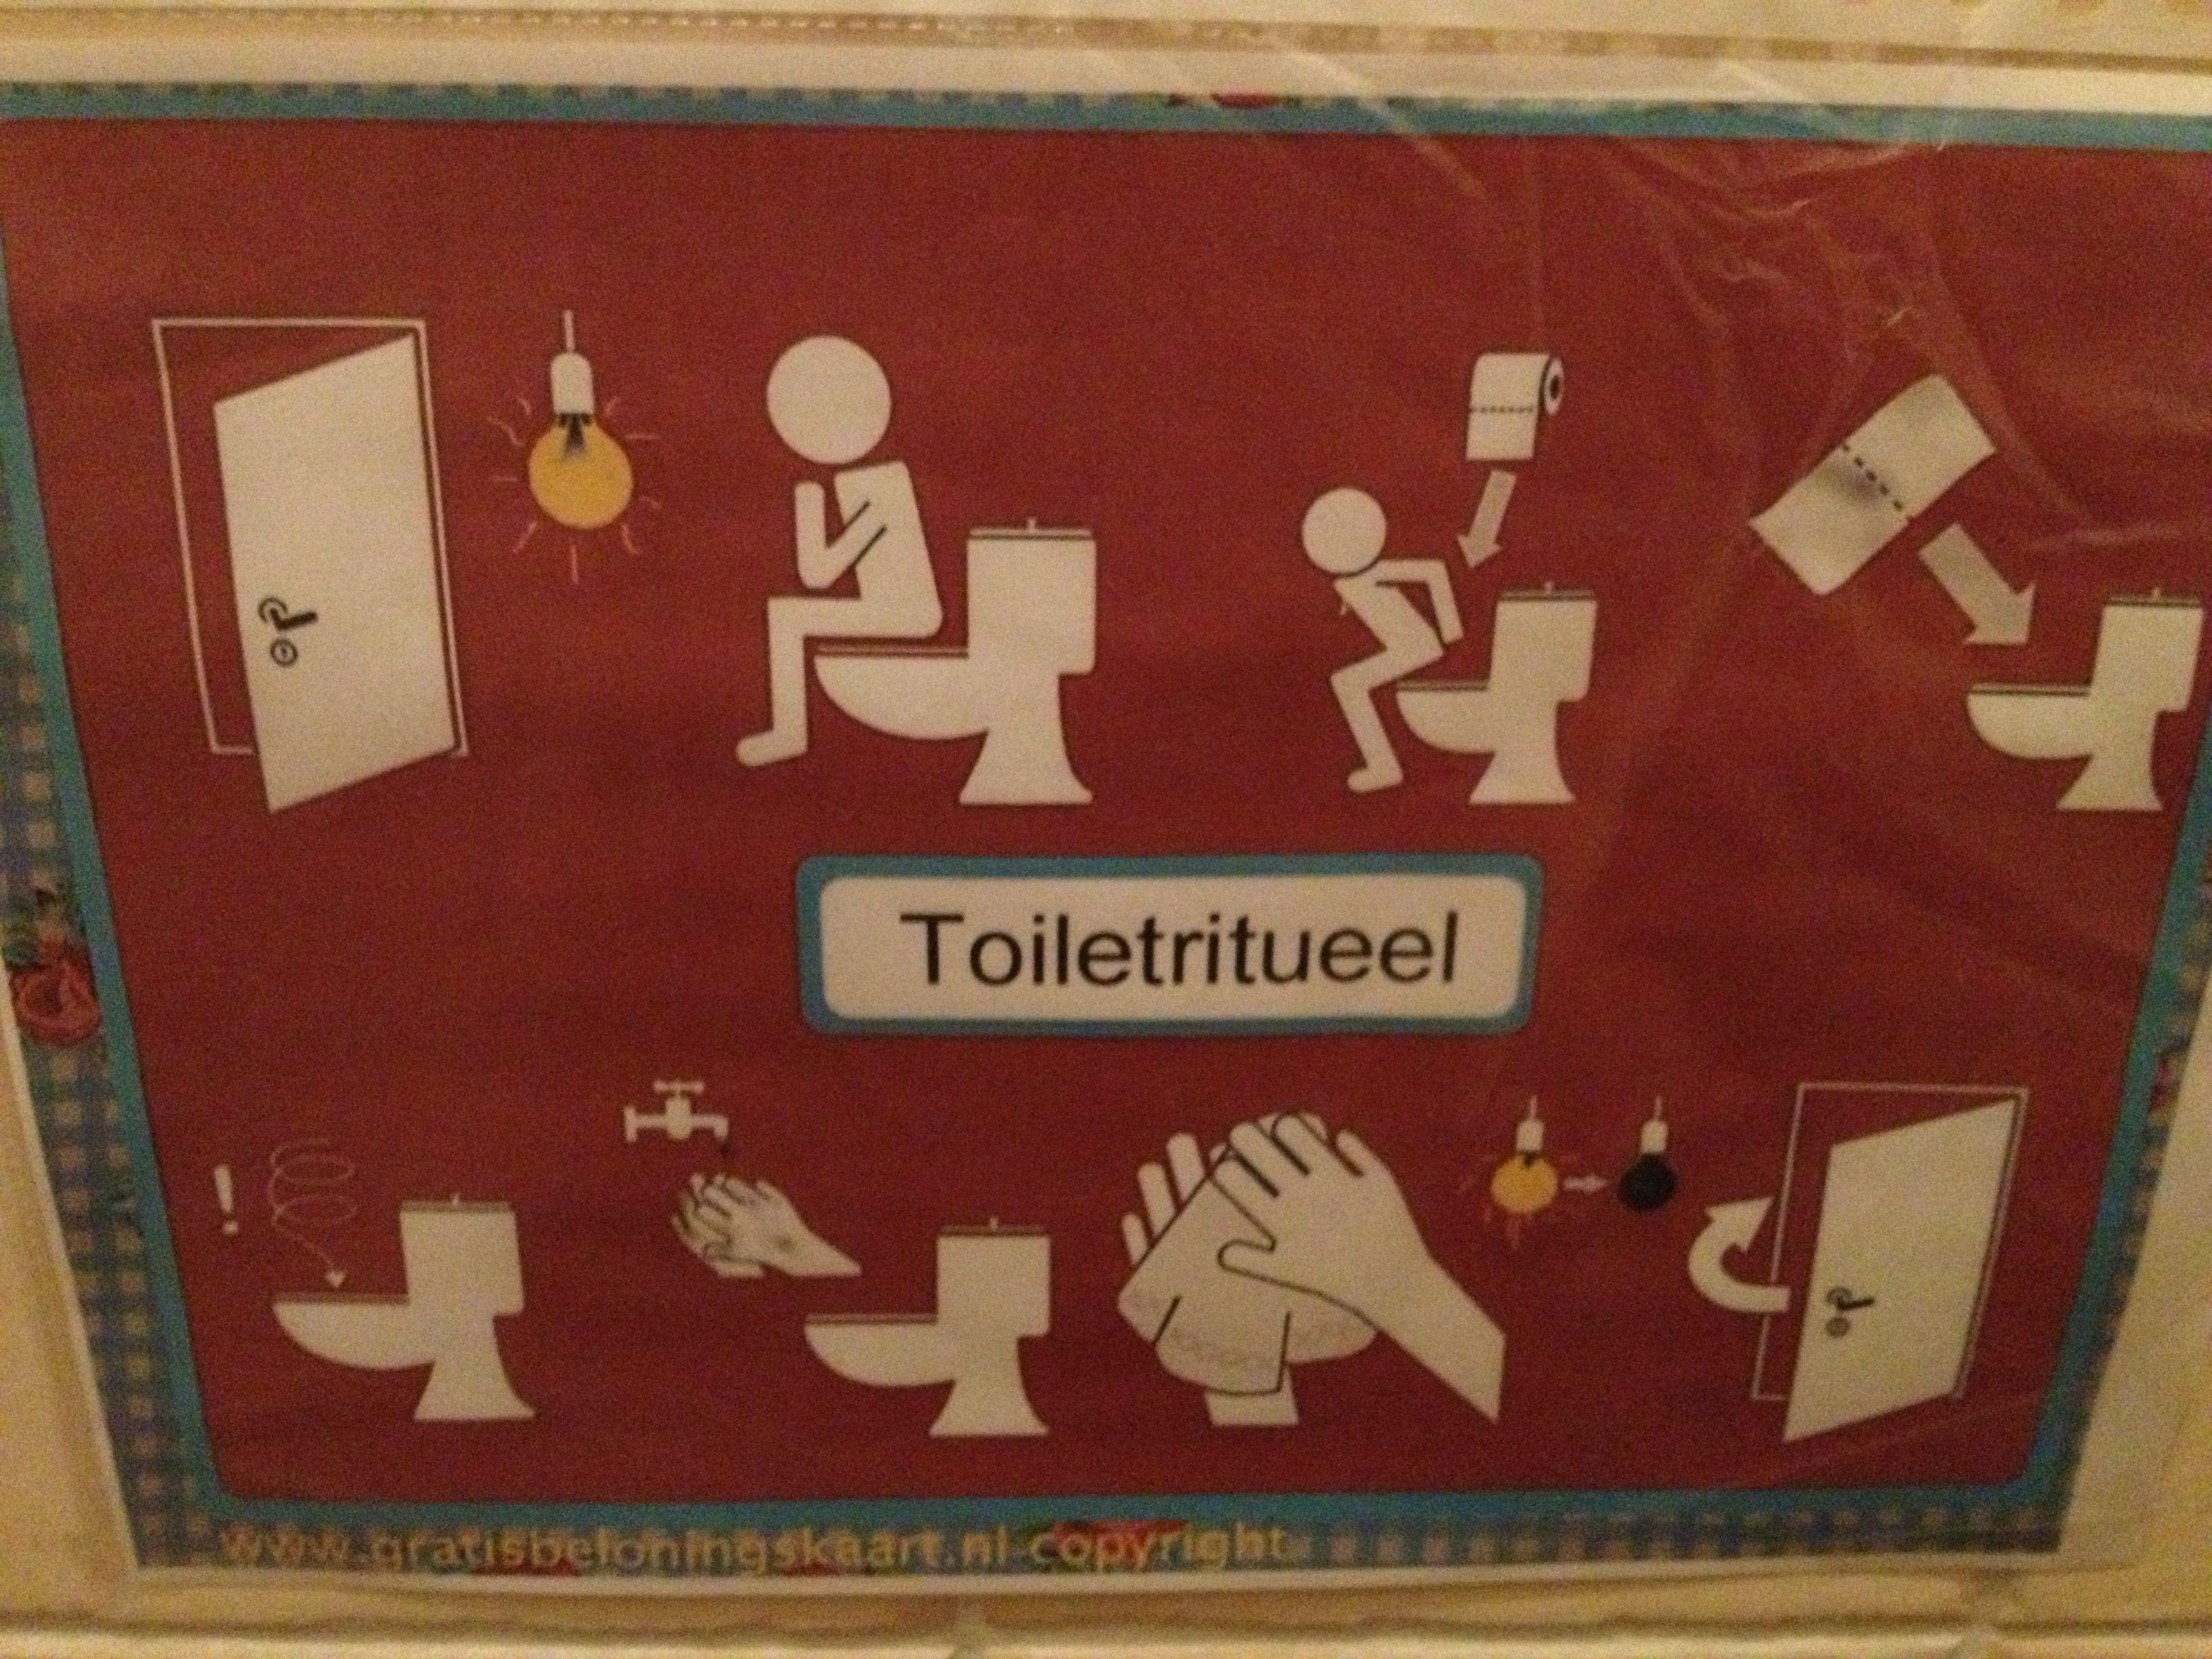 Toilettitueel